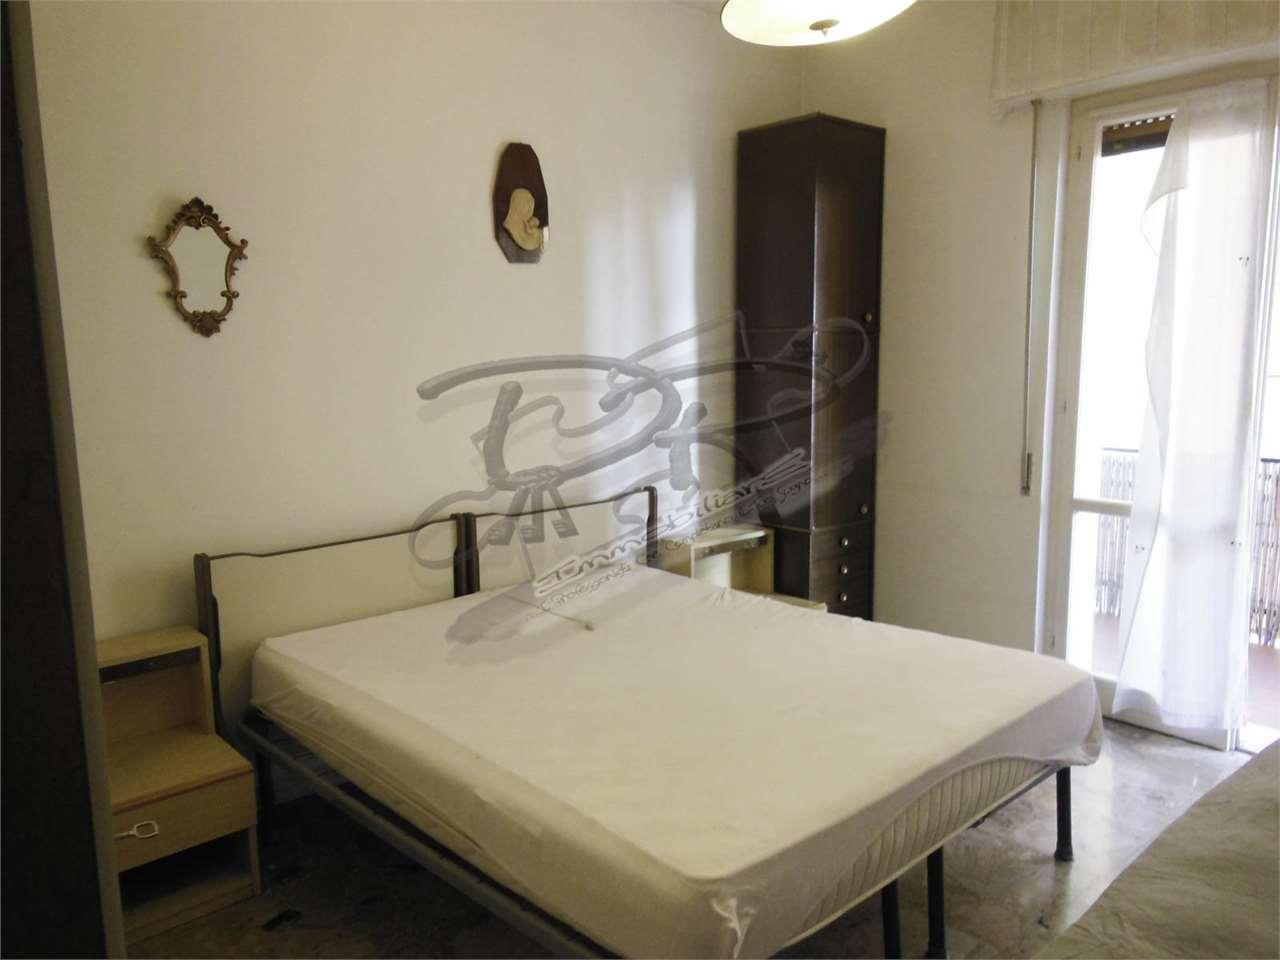 Appartamento in vendita a Borgio Verezzi, 2 locali, zona Zona: Borgio Verezzi Nuovo, prezzo € 239.000 | CambioCasa.it